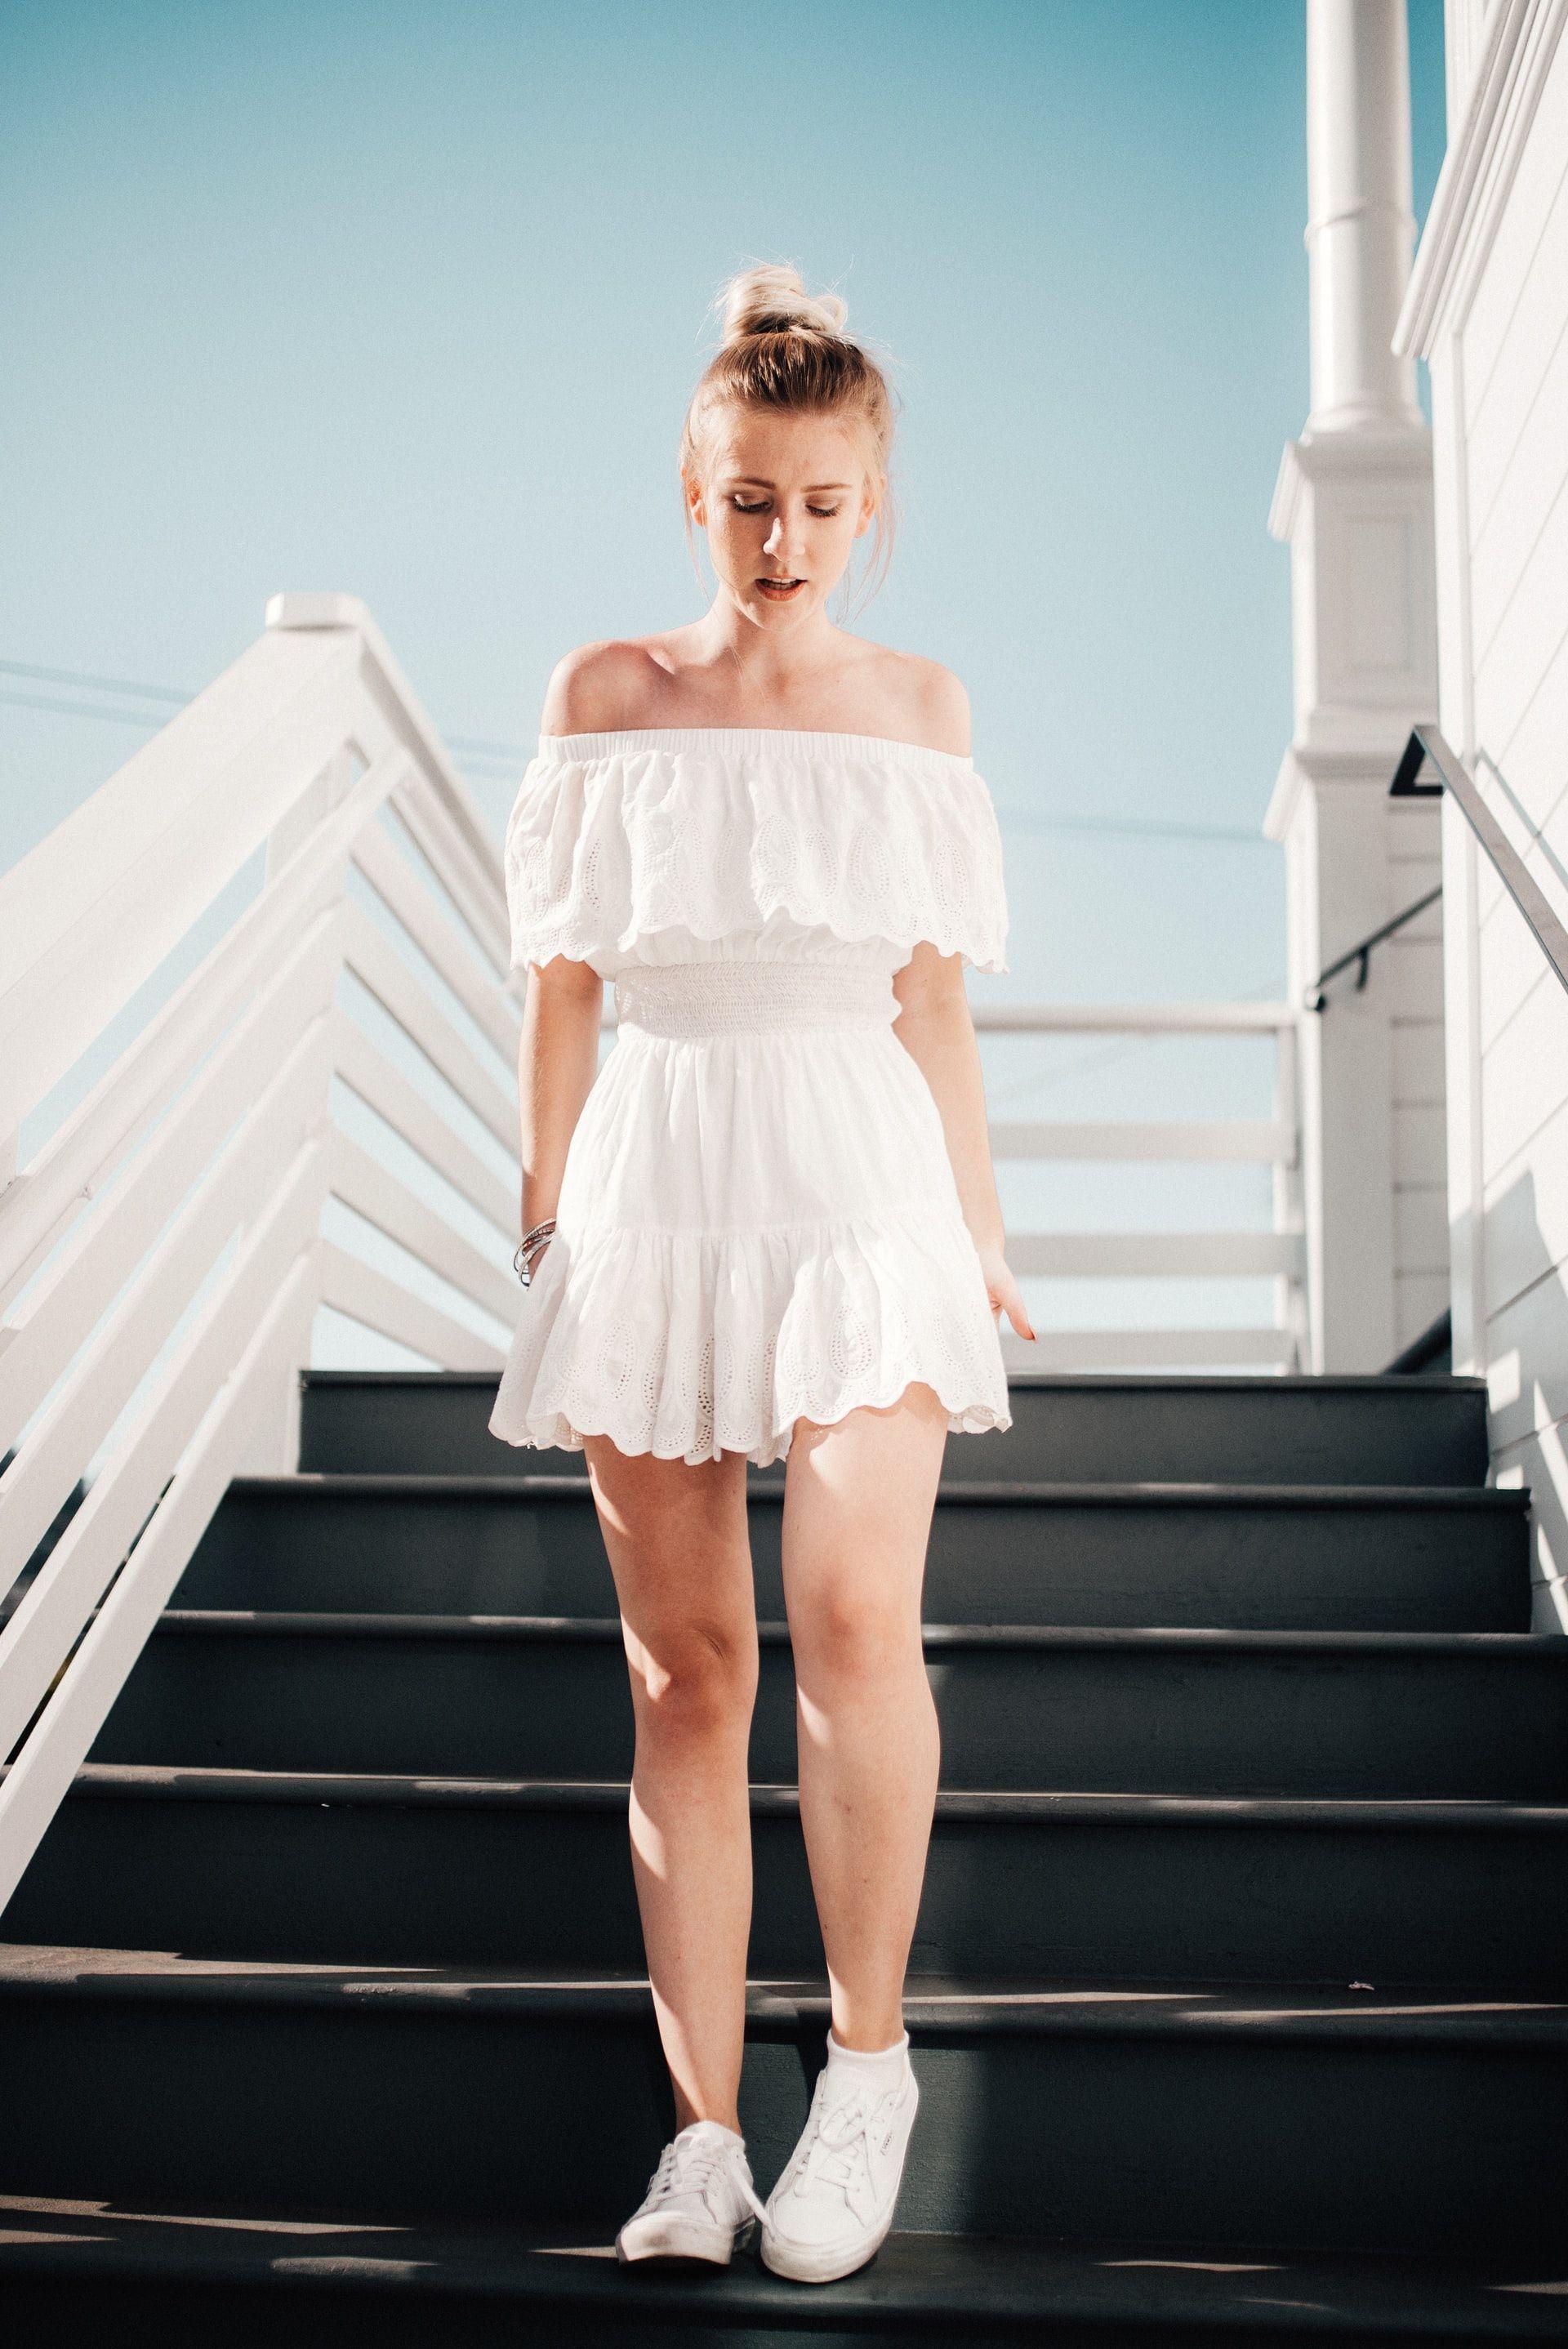 Mini Casual Dresses Db Women In 2020 Graduation Dress High School Fashion Dresses [ 2876 x 1920 Pixel ]